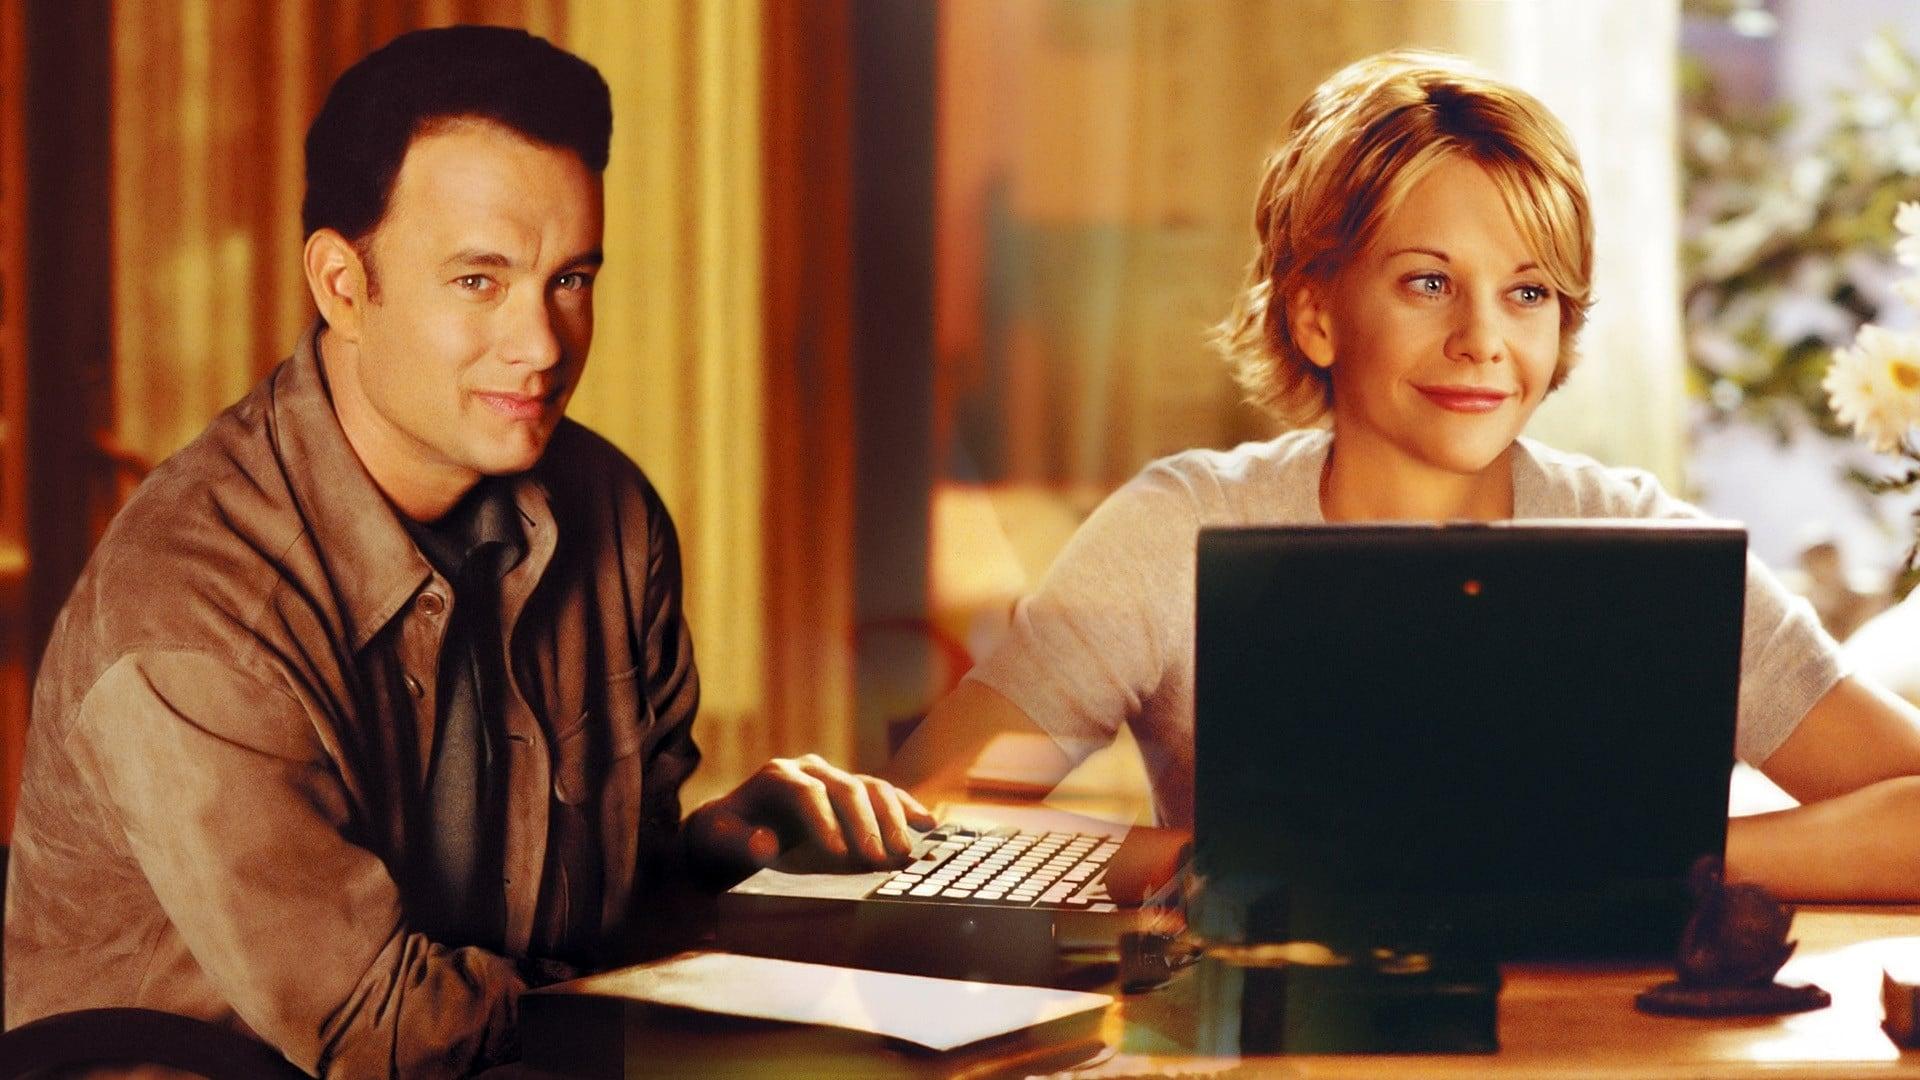 Escena de la pelicula romántica Tienes un e-mail